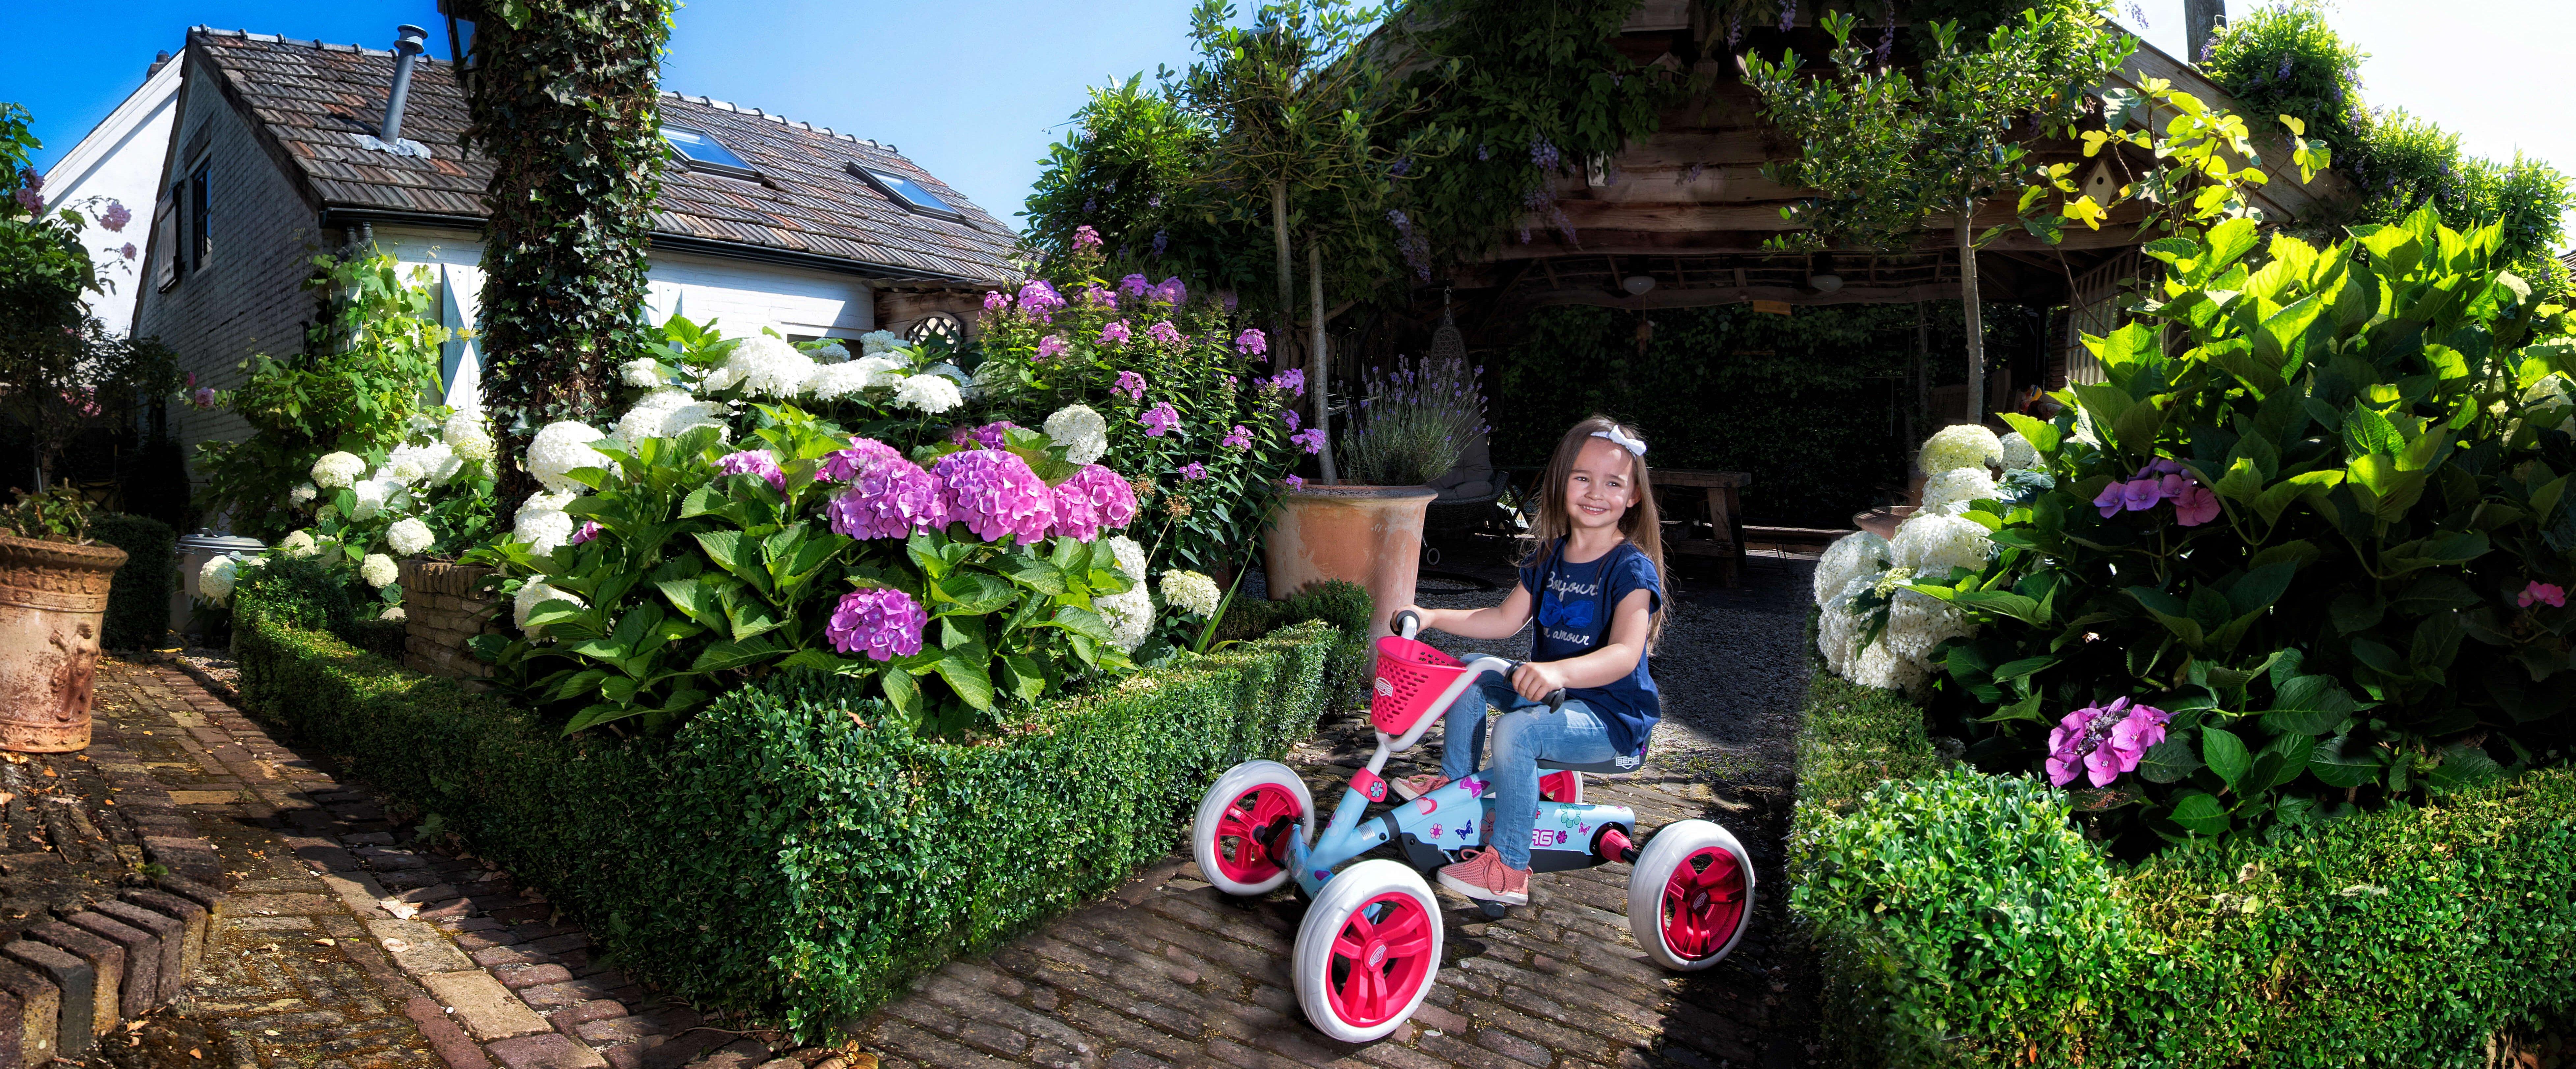 Gokart für Kinder, die 2 Jahre alt sind: BERG Buzzy & Co. - gokart-profi.de